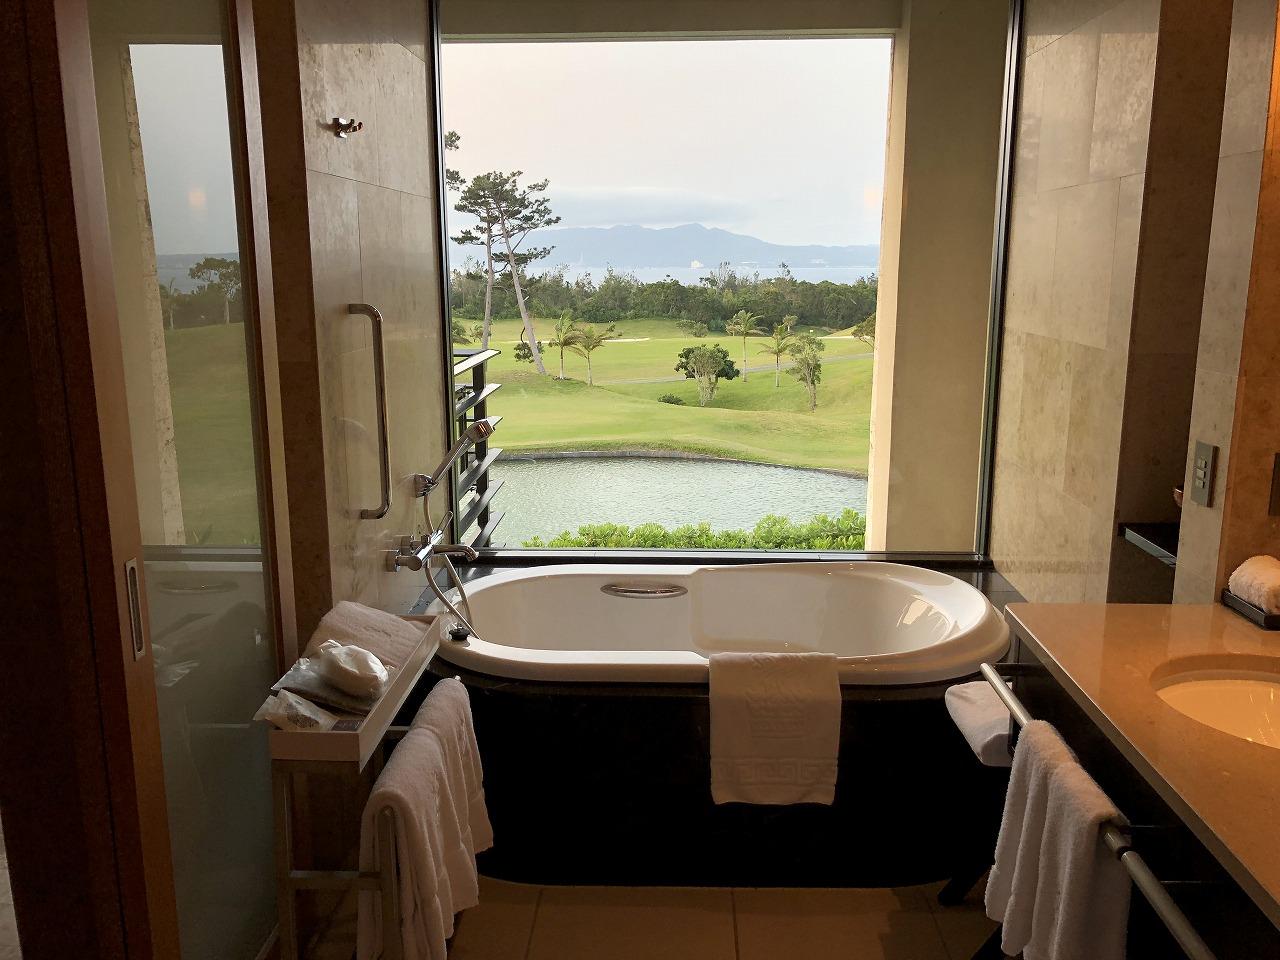 リッツカールトン沖縄のデラックスルームの風呂からの眺め